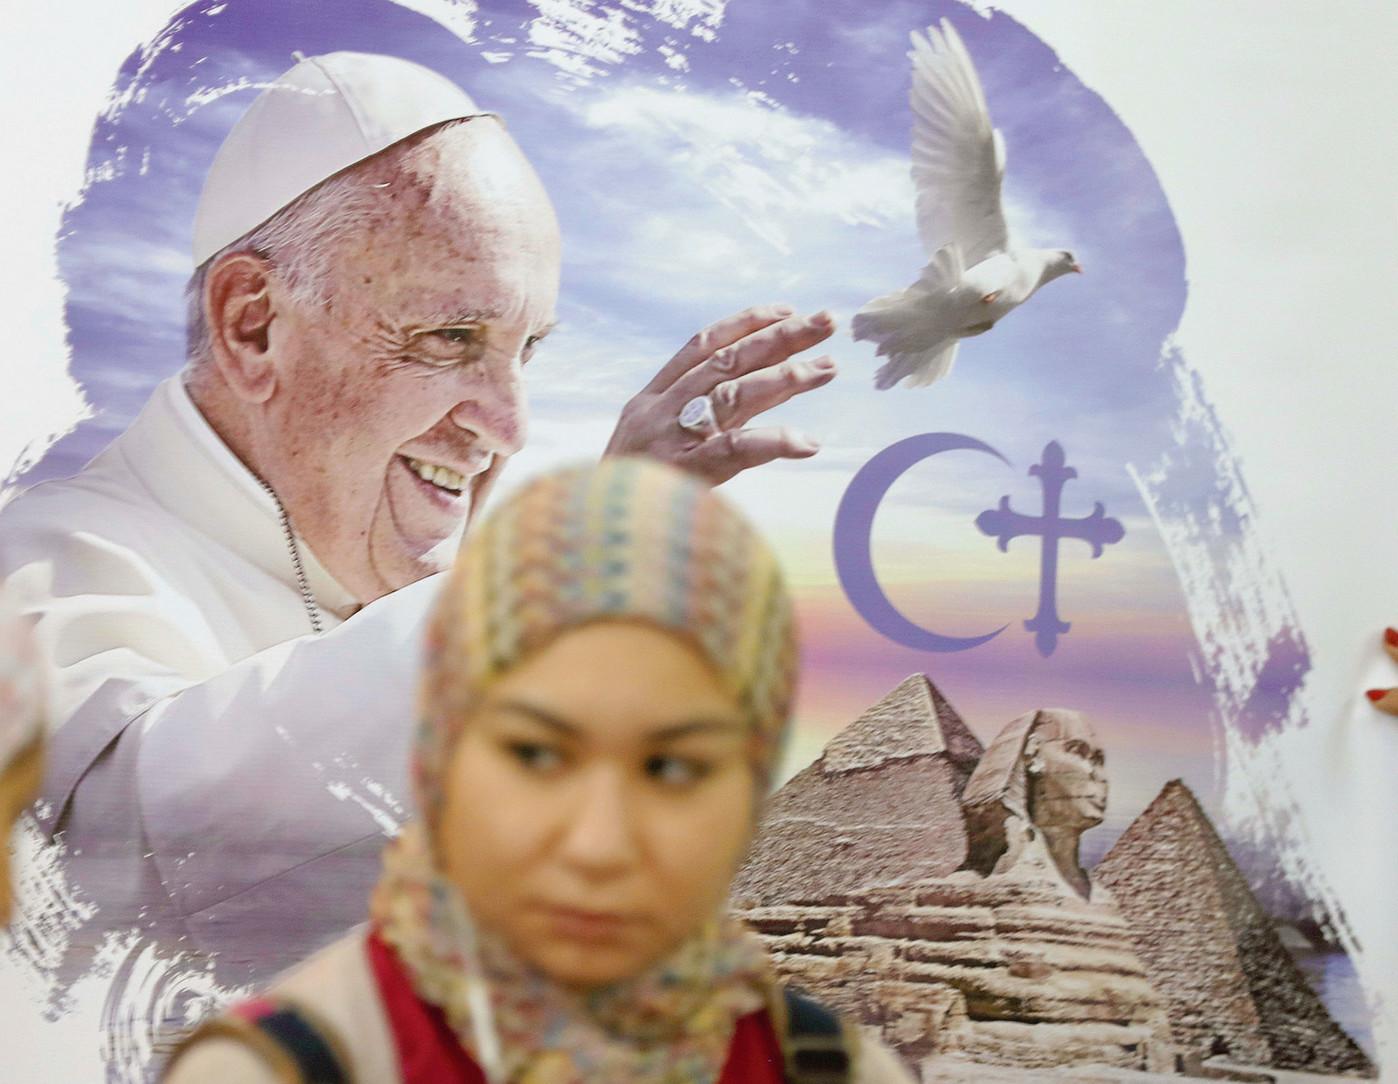 Обнародована программа визита Папы в Марокко